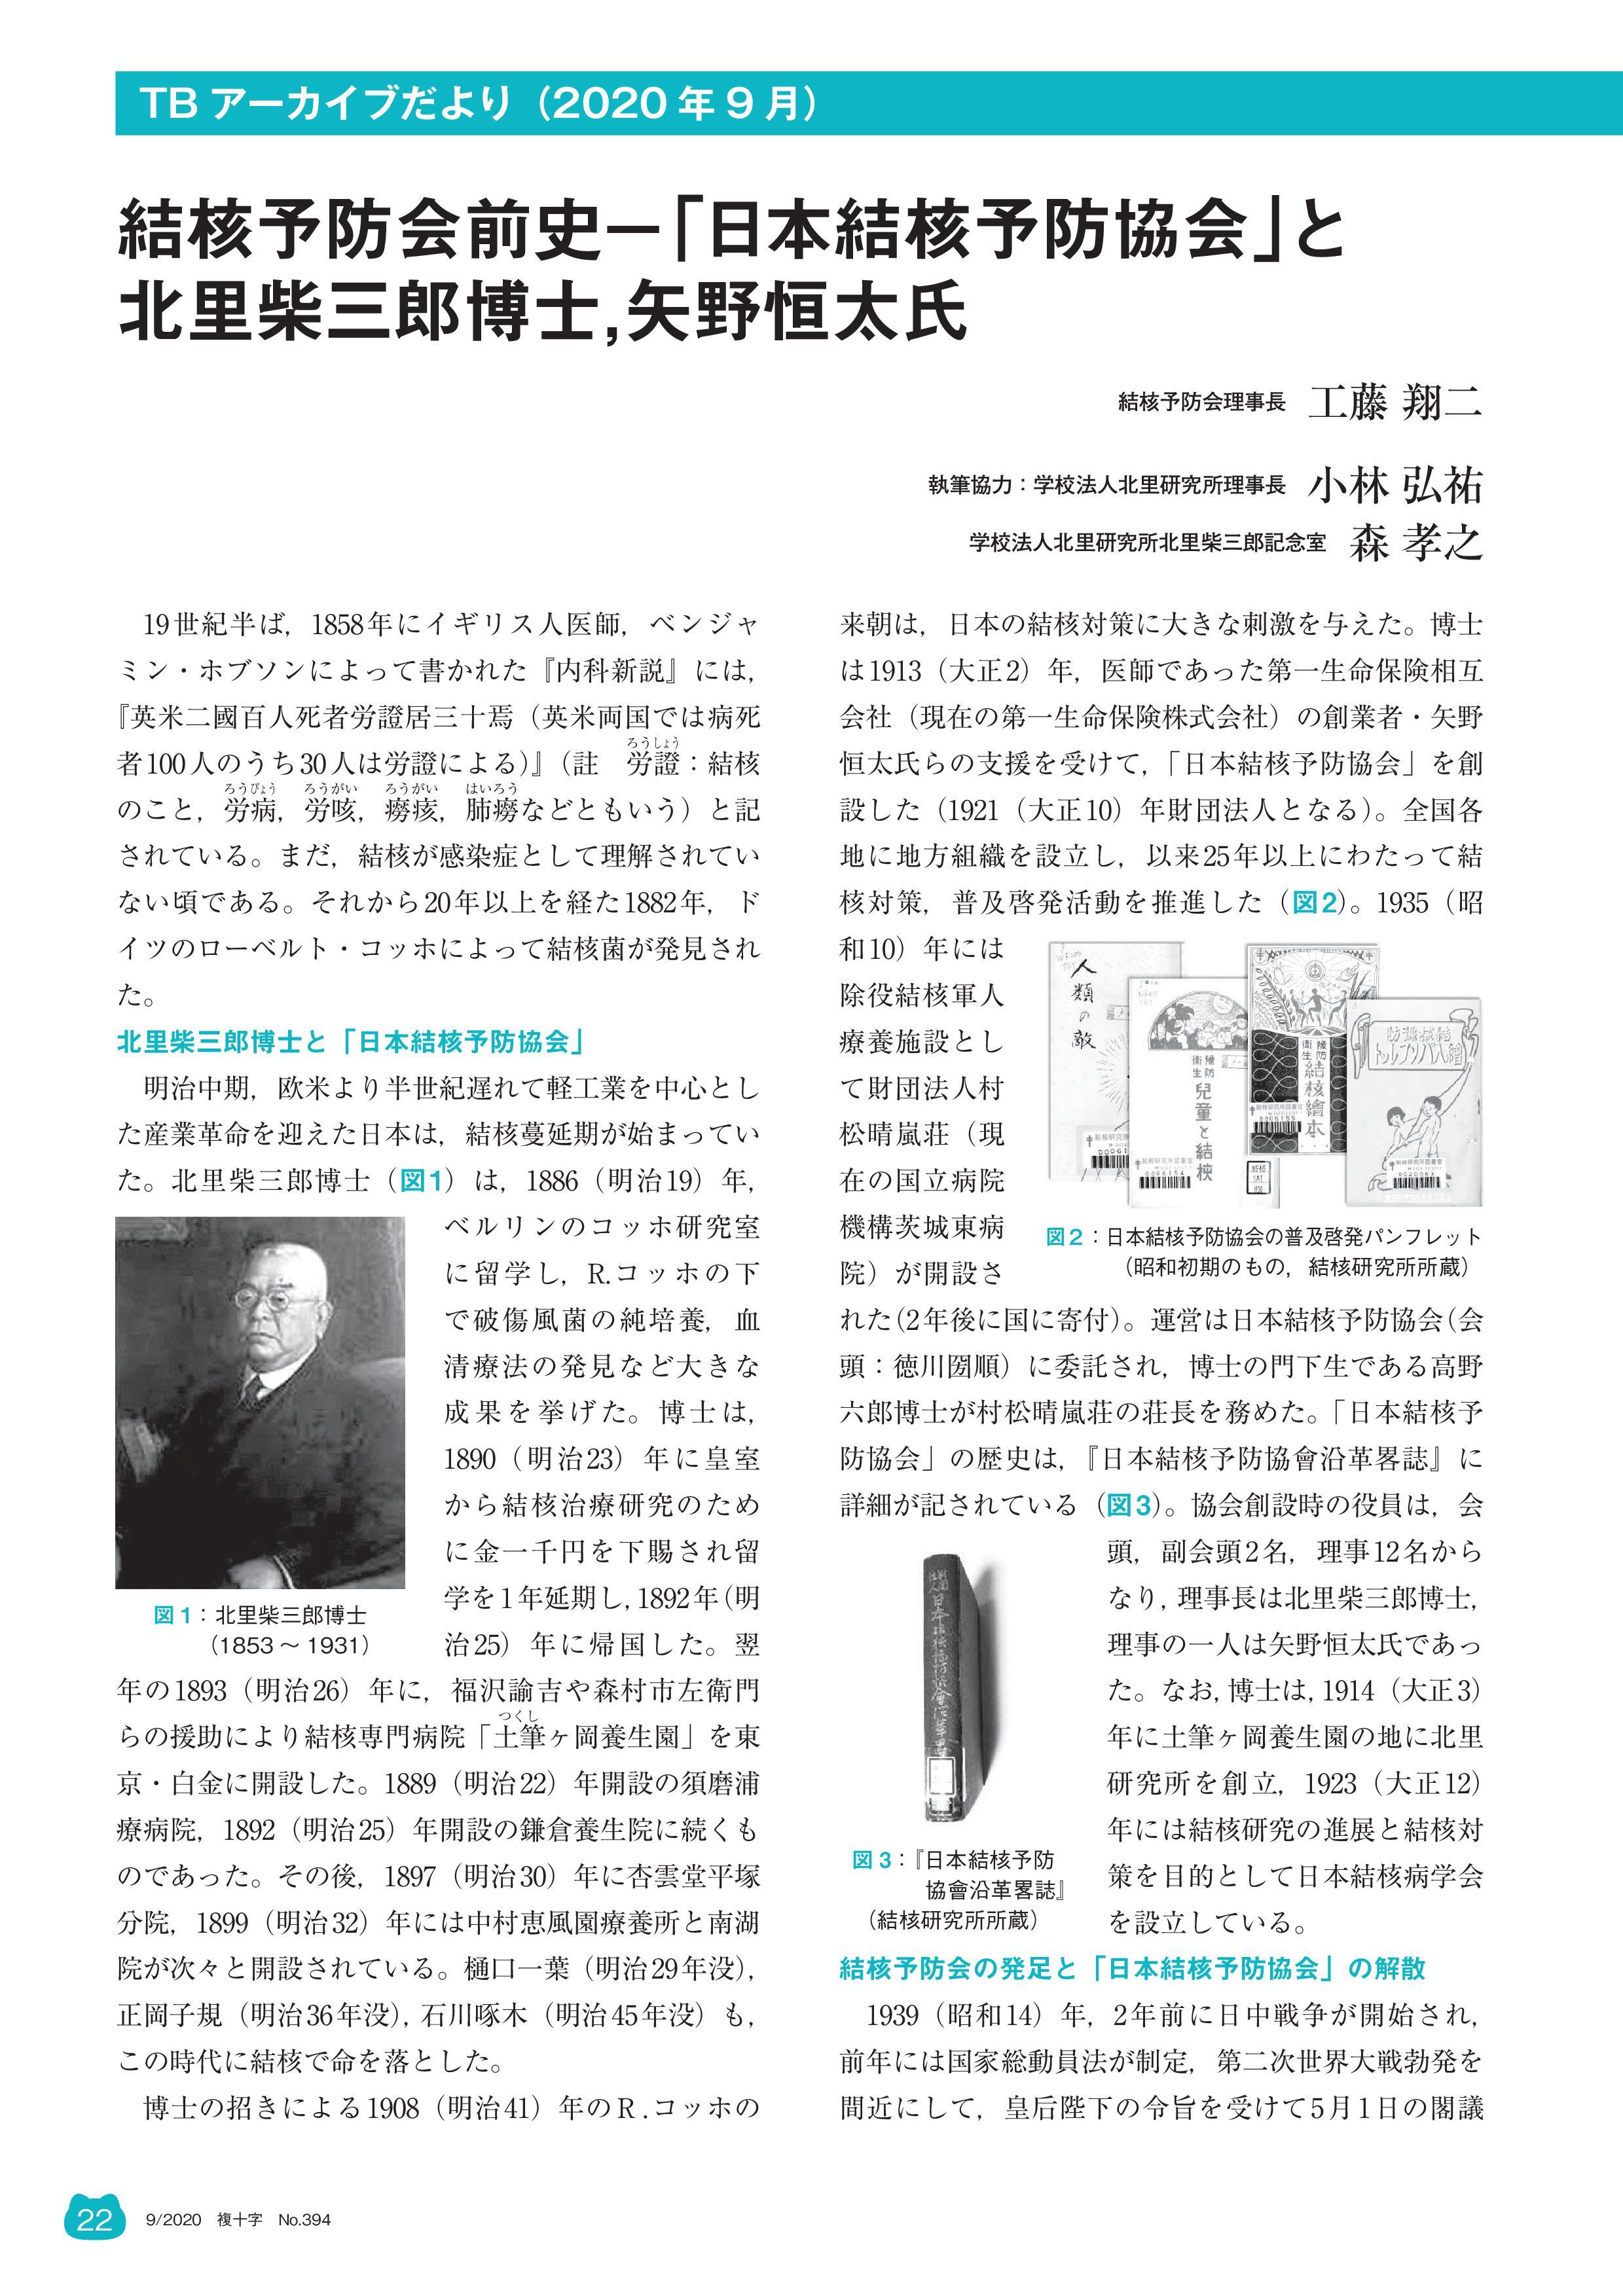 結核予防会前史-「日本結核予防協会」と北里柴三郎博士,矢野恒太氏